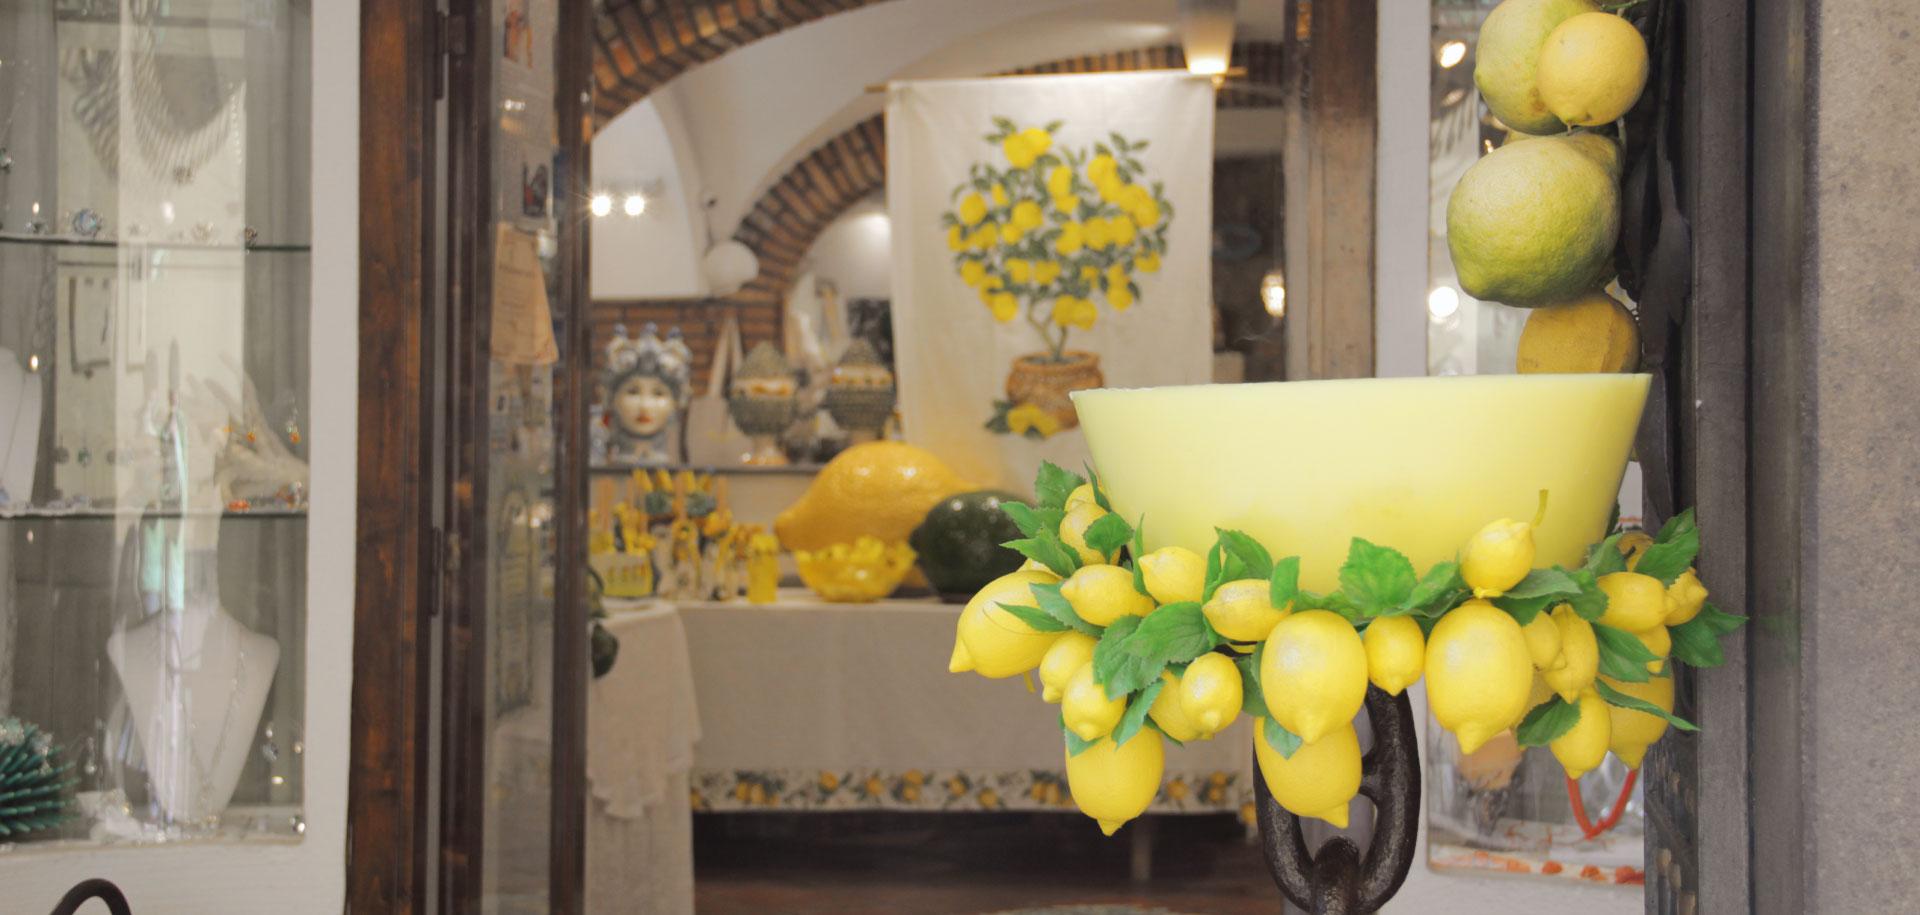 Dettaglio limoni | Sapori e Profumi di Positano